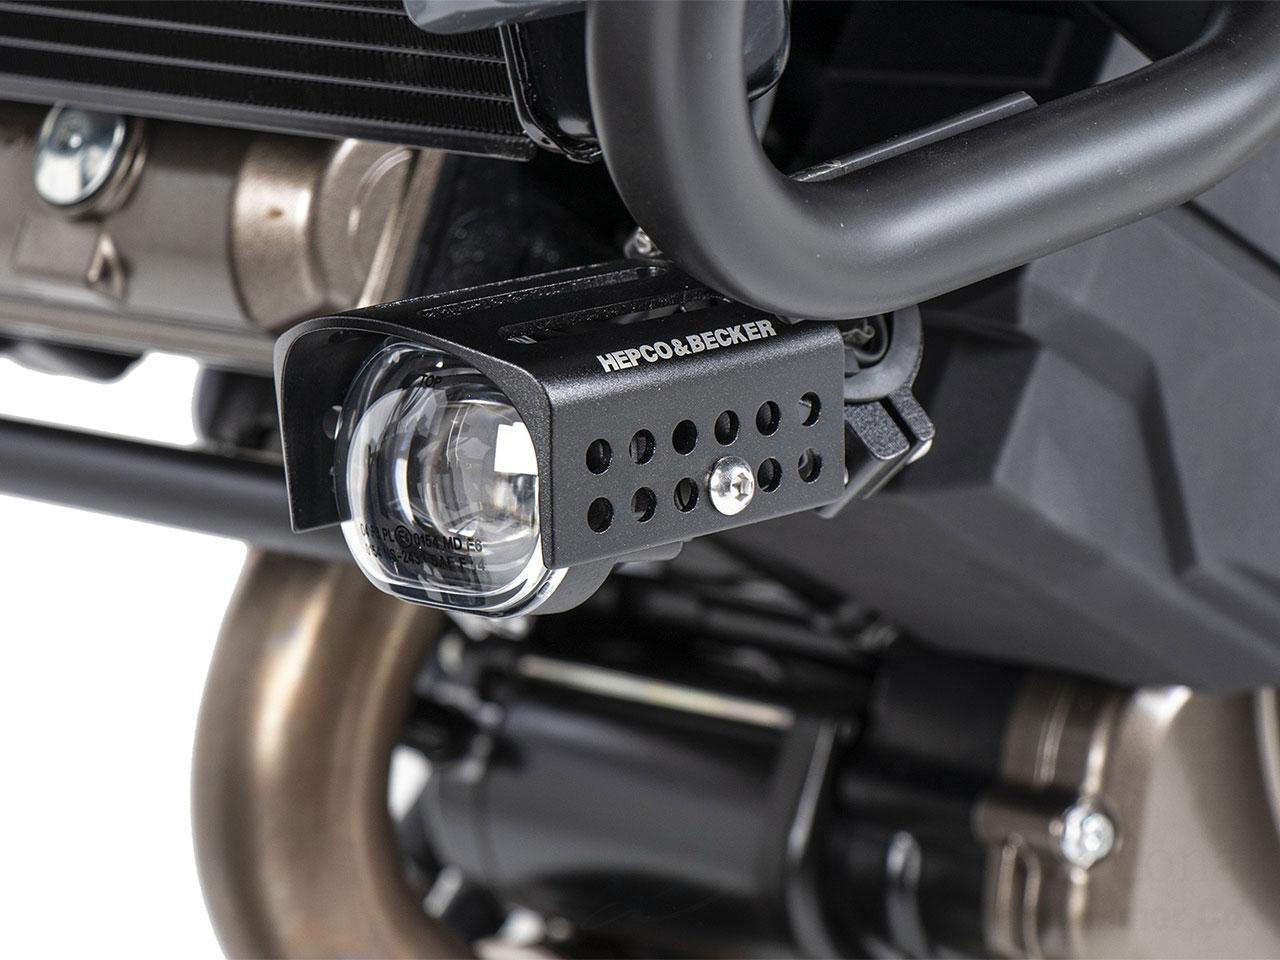 ヘプコ&ベッカー LED Micro Flooter エキストラライト